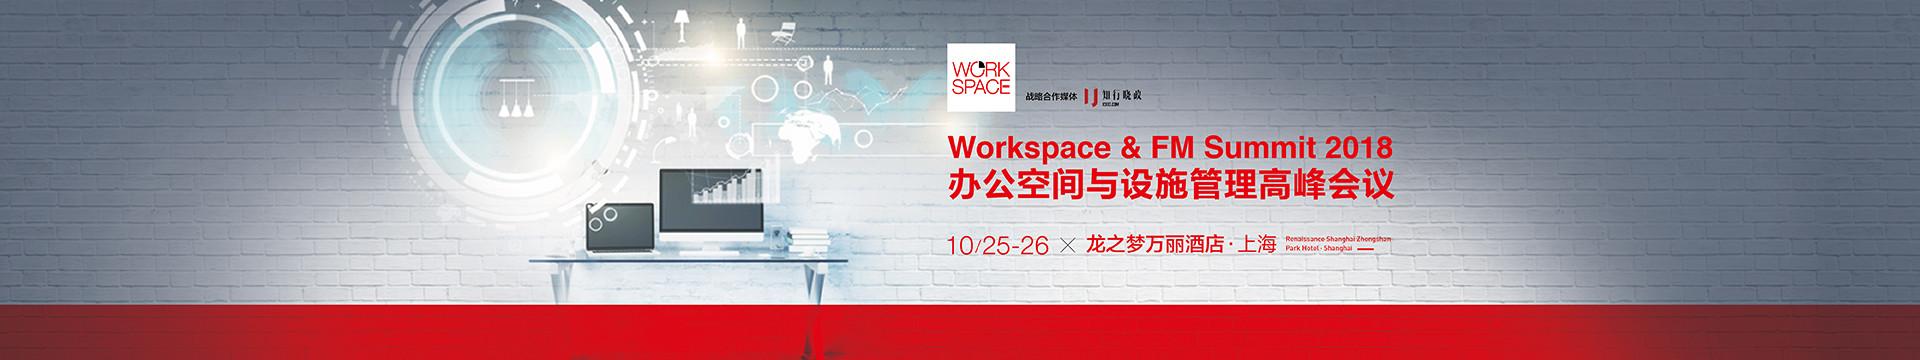 2018办公空间与设施管理高峰会议